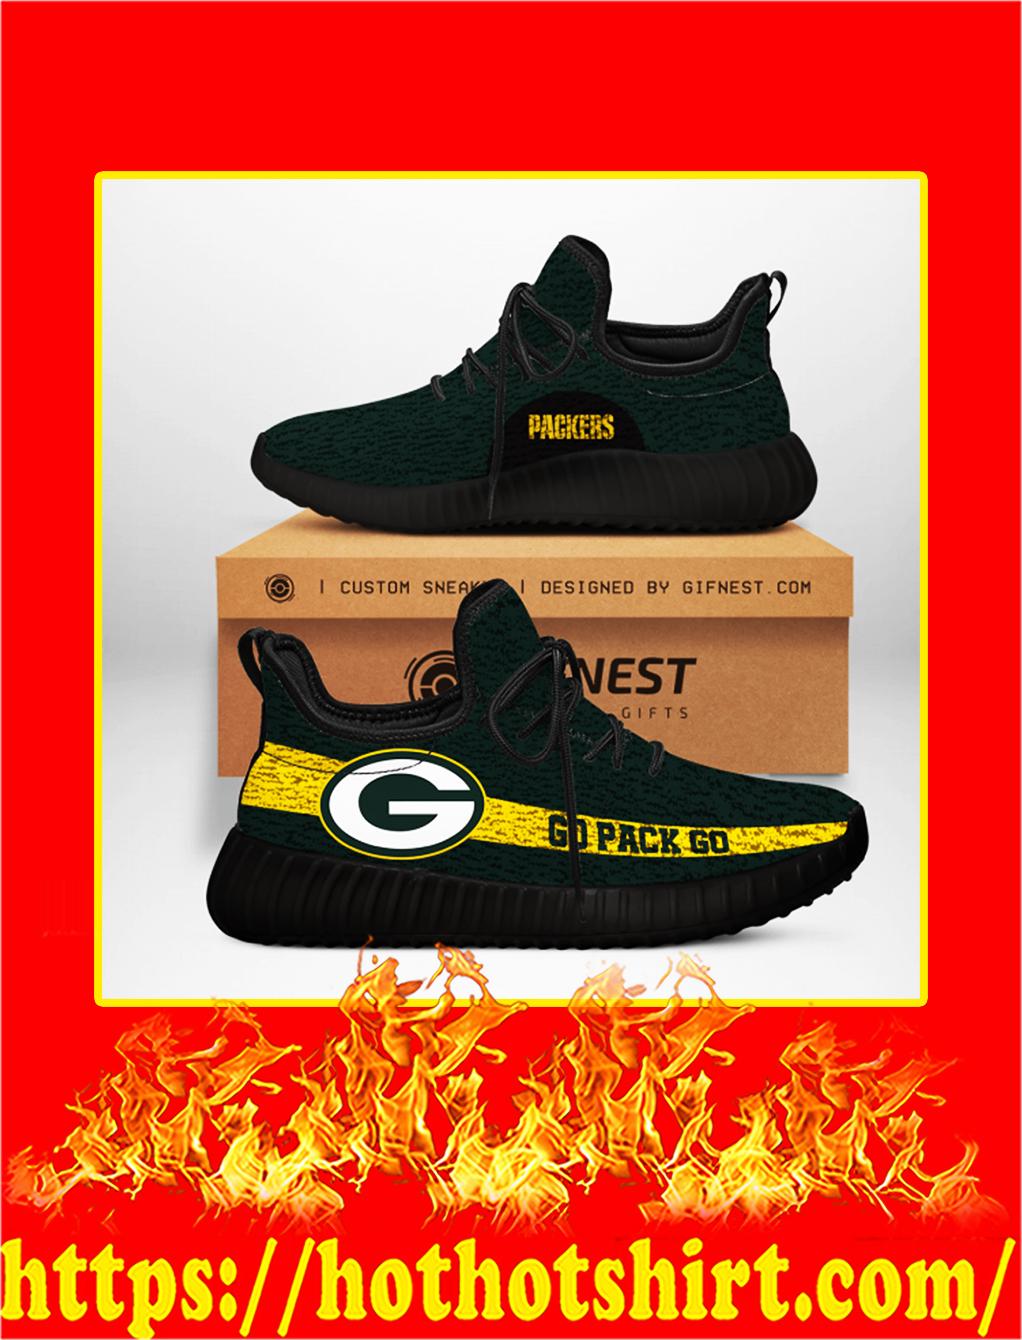 Go Pack Go Green Bay Packers NFL Yeezy Sneaker - white